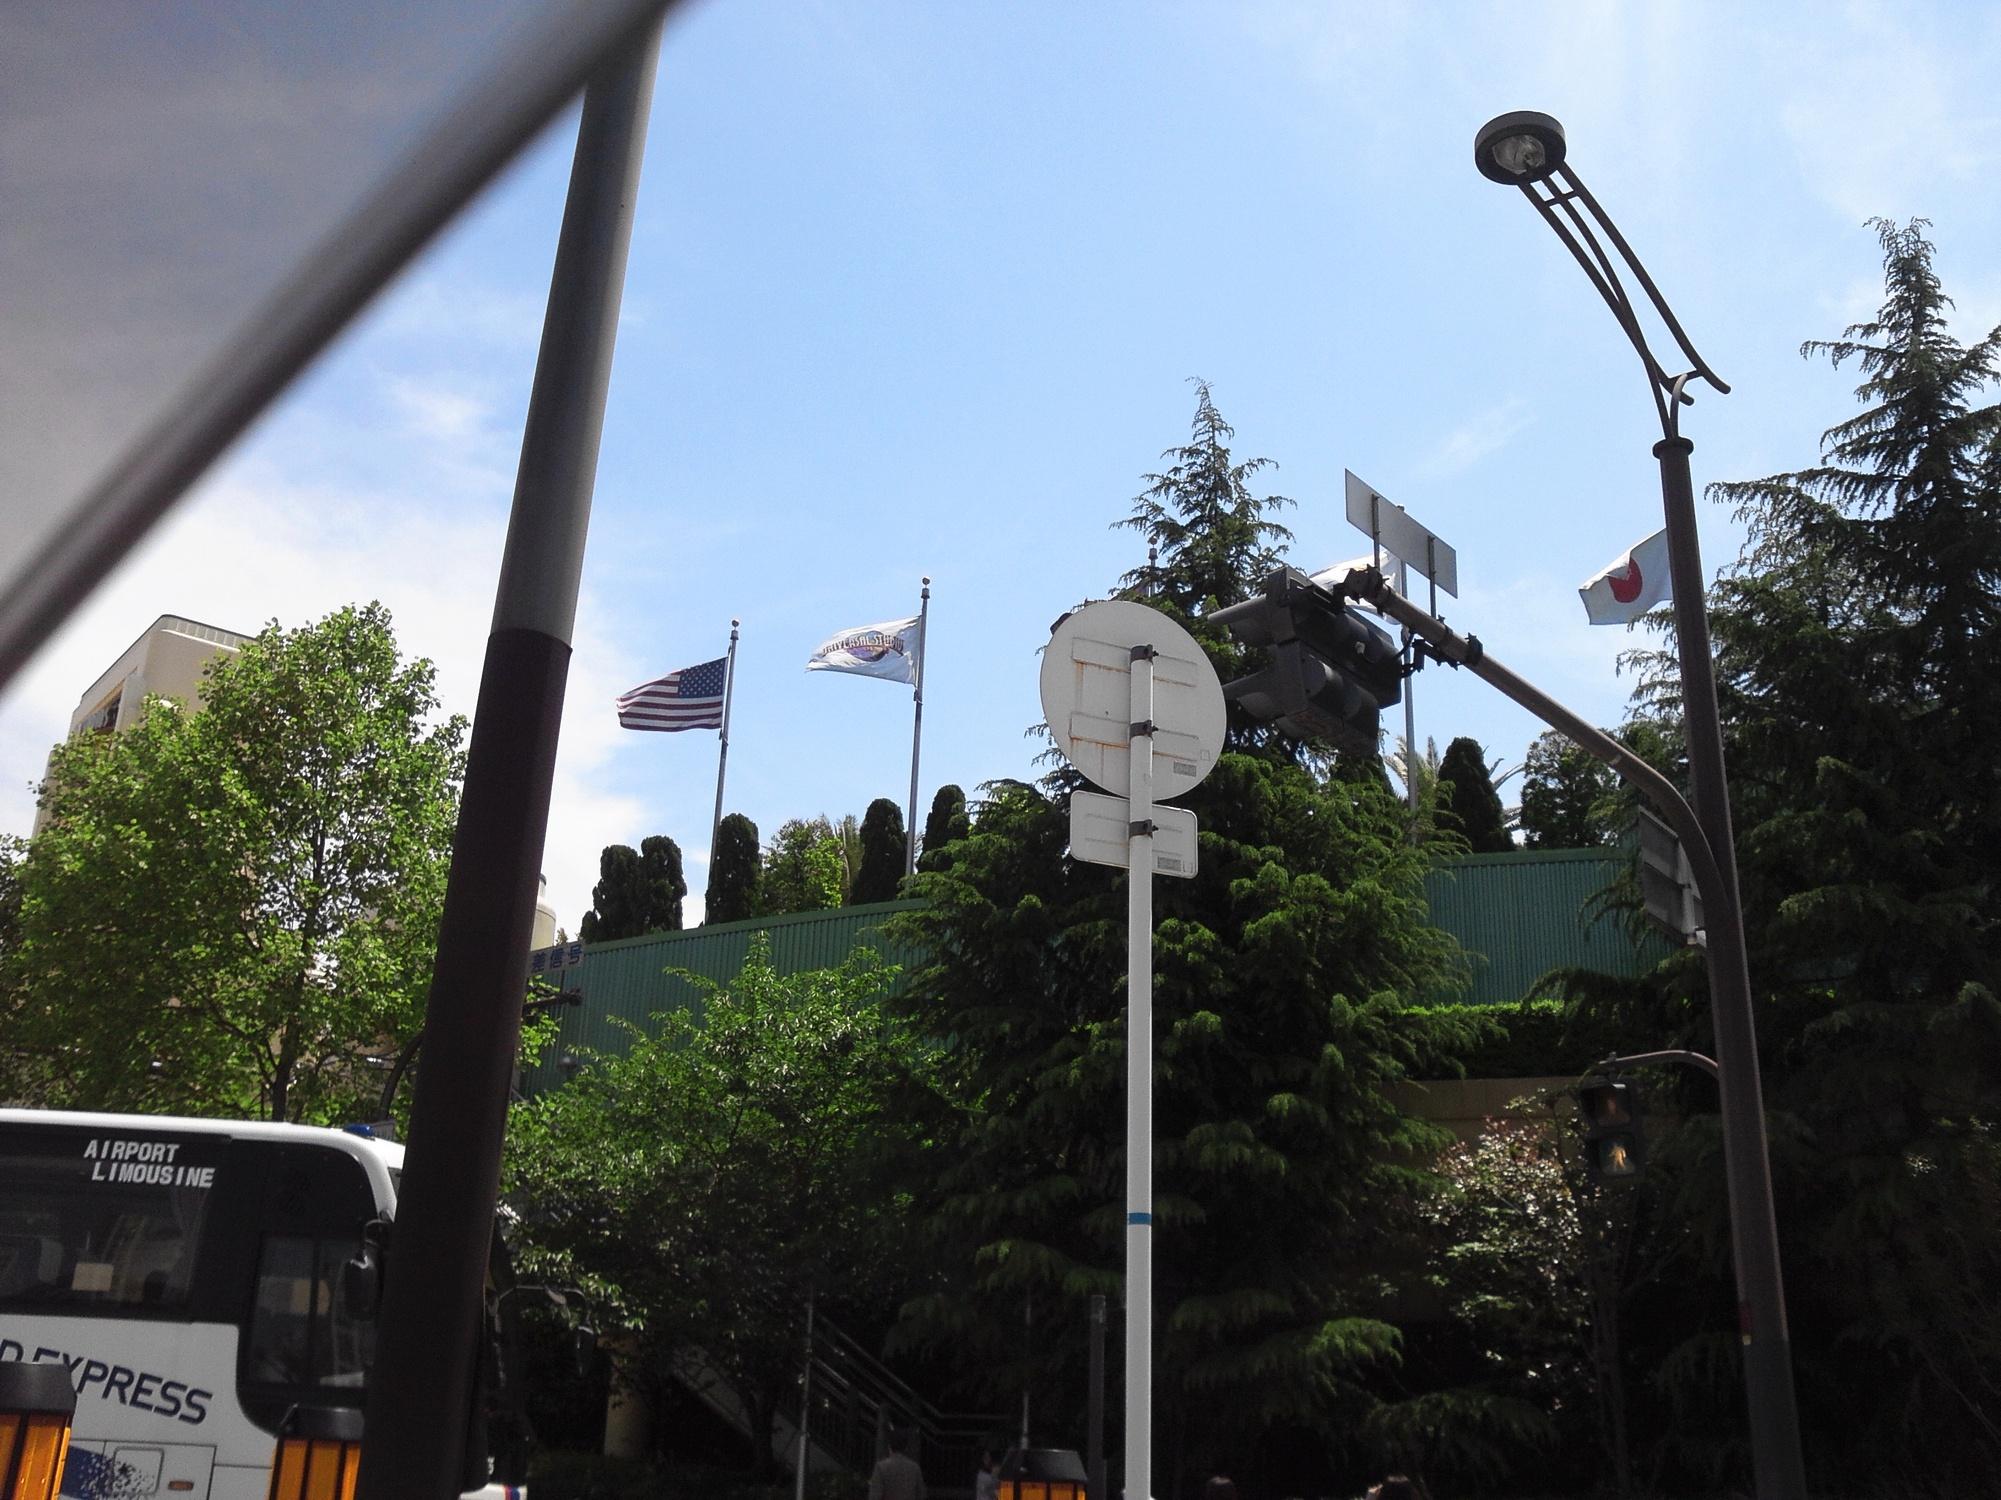 ユニバーサルスタジオジャパンの正面玄関